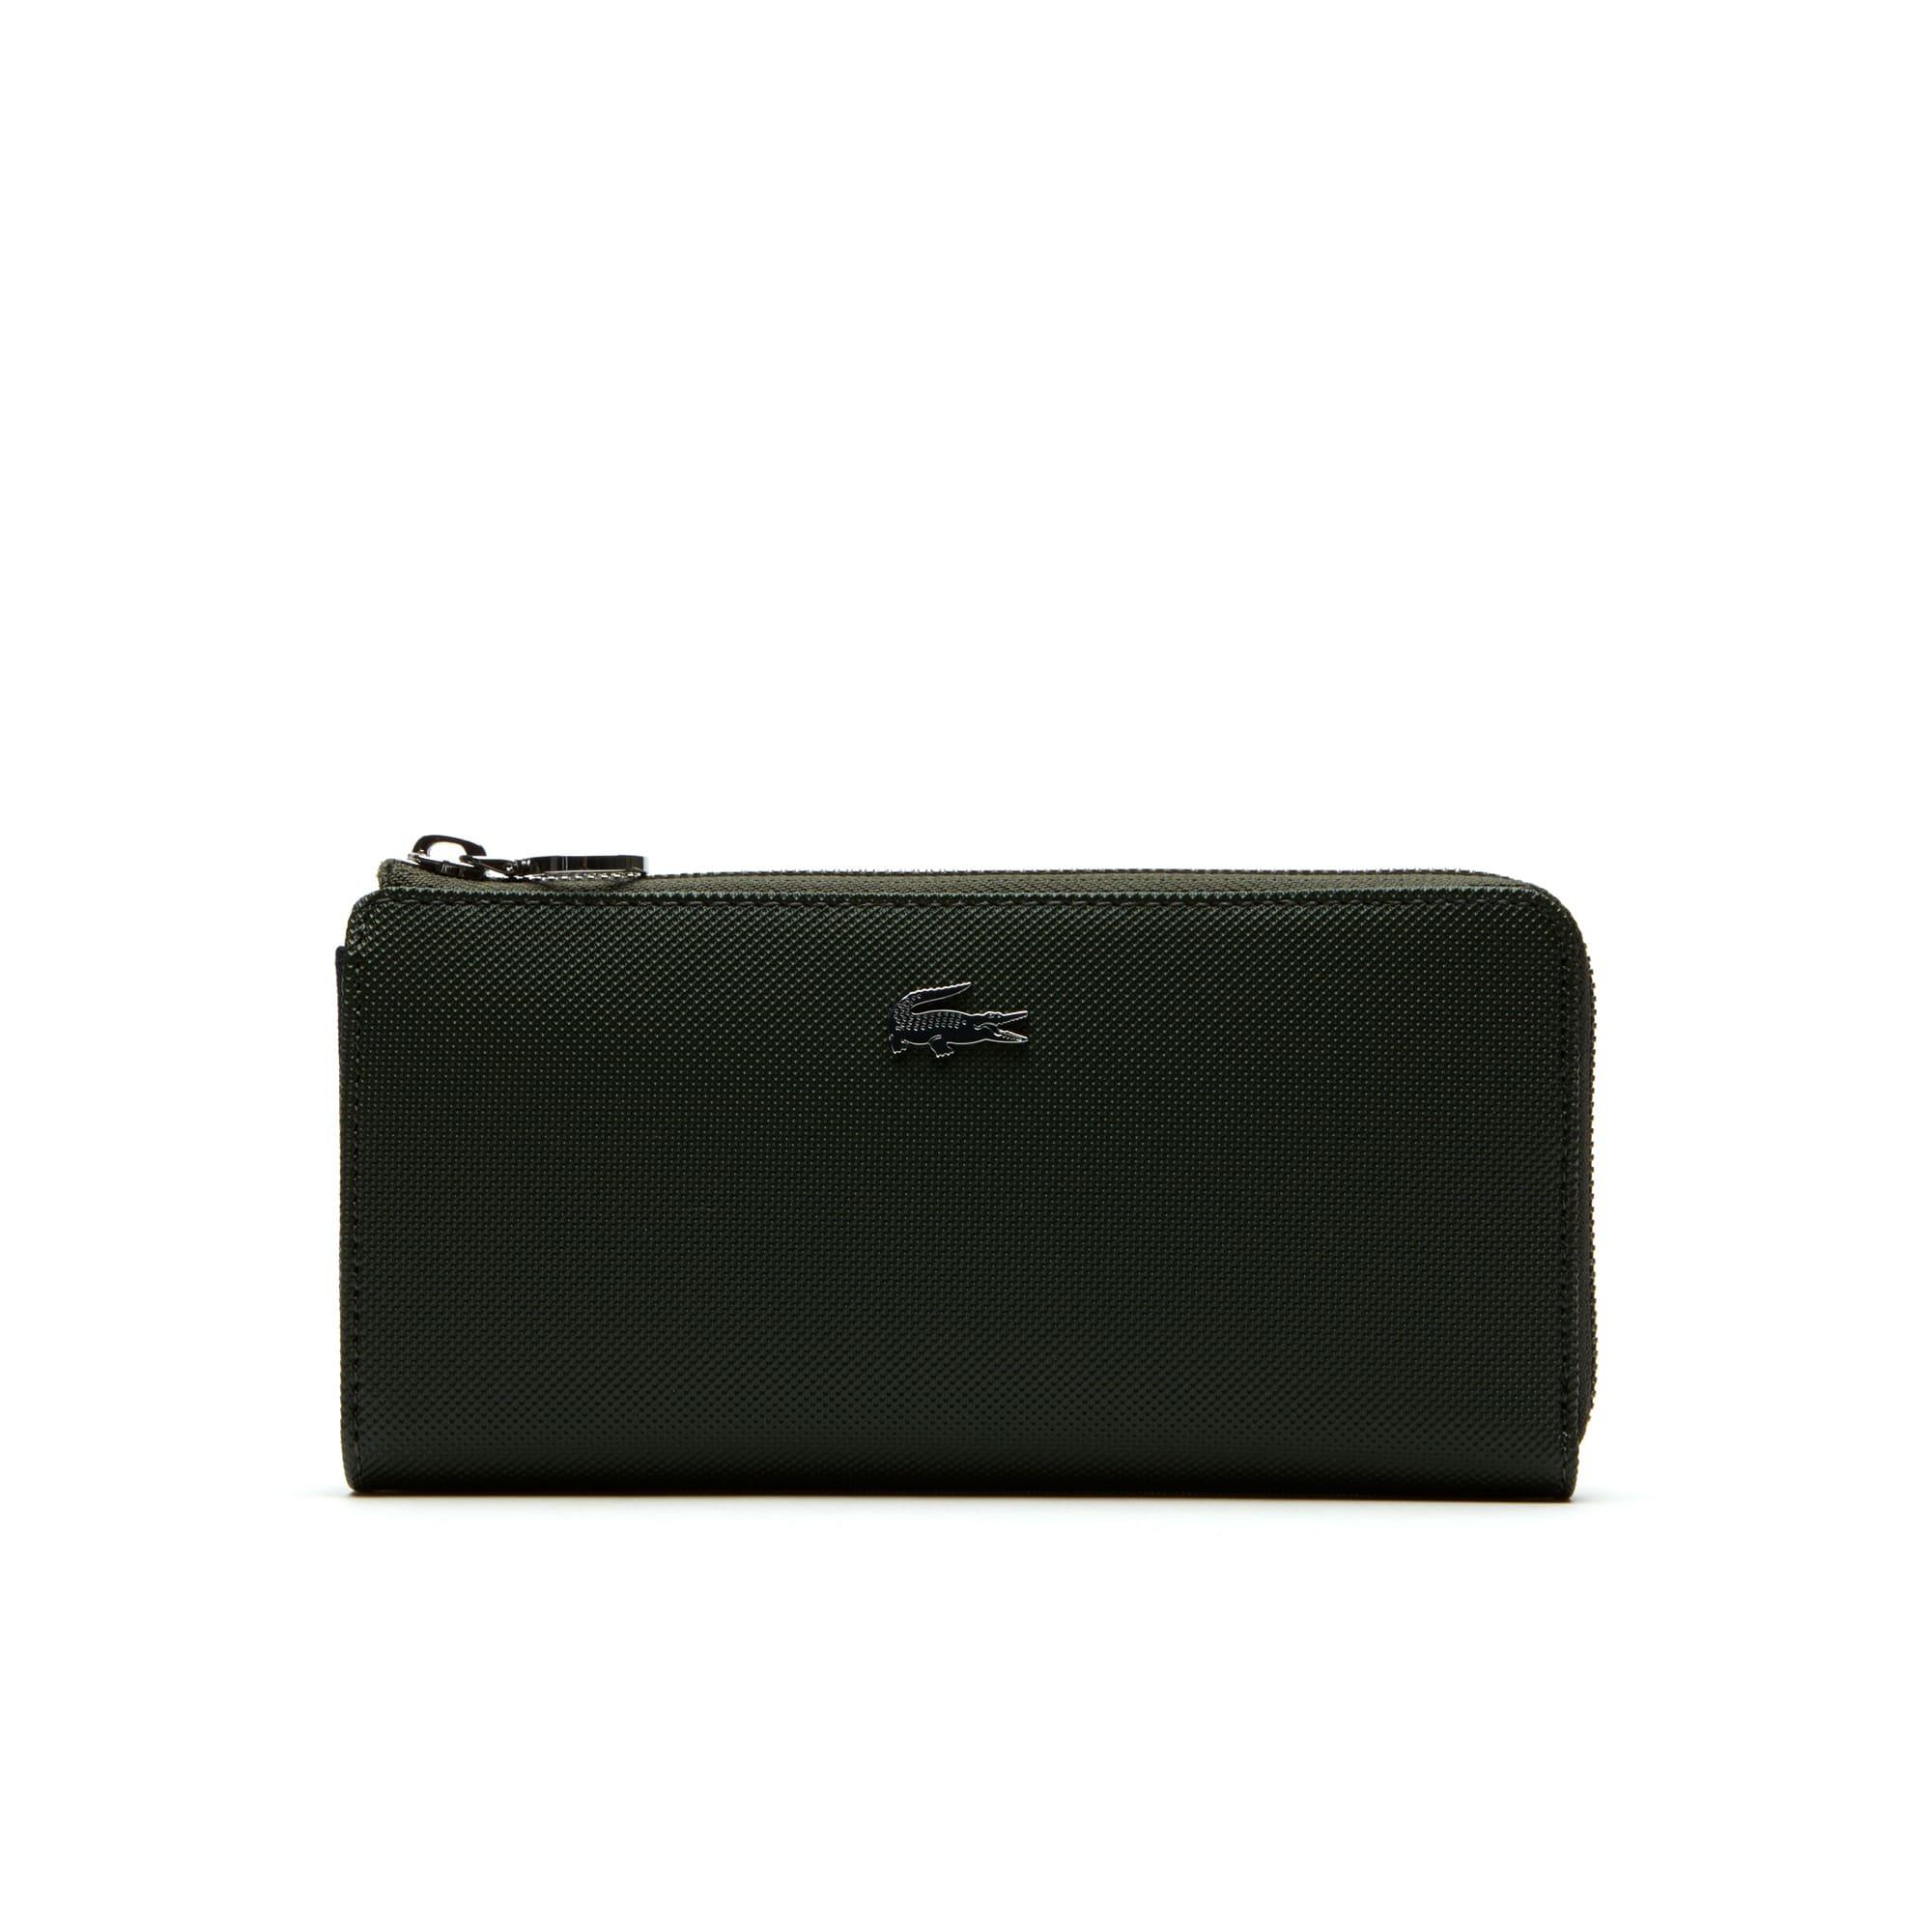 Damen Daily Classic Brieftasche Piqué-Leder mit Reißverschluss